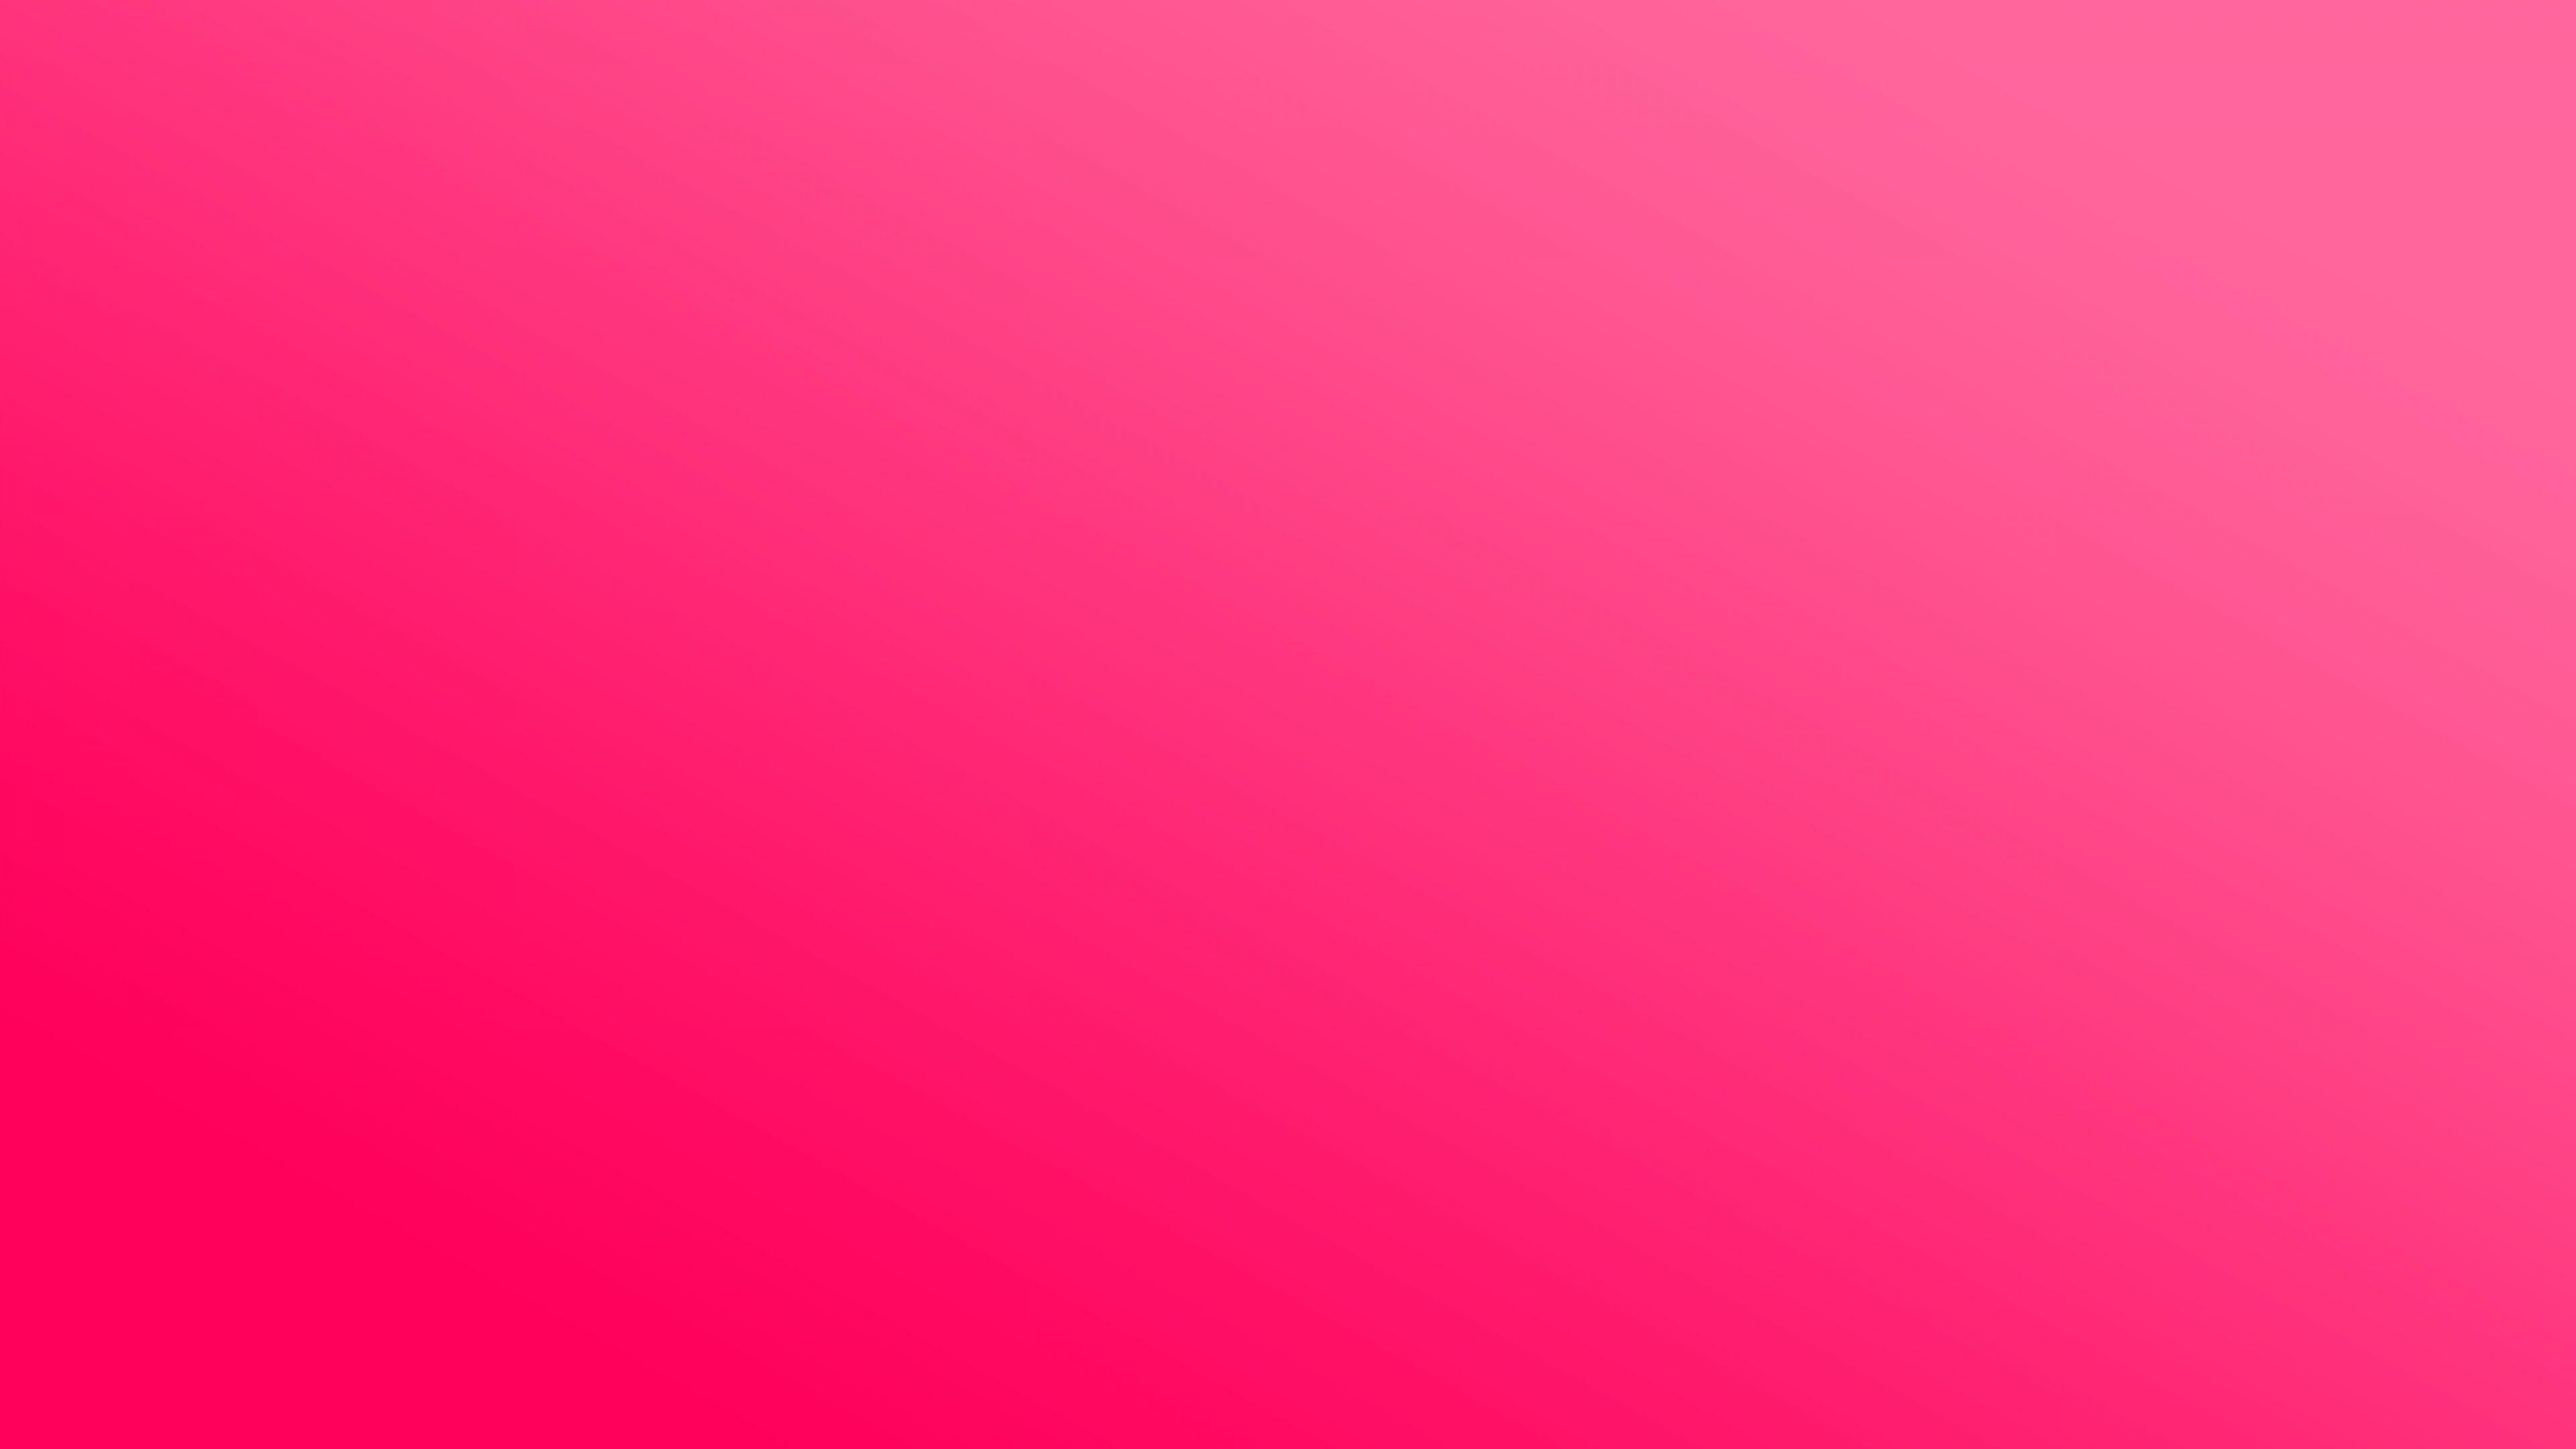 Light Pink Computer Wallpapers HD Wallpapers Pinterest